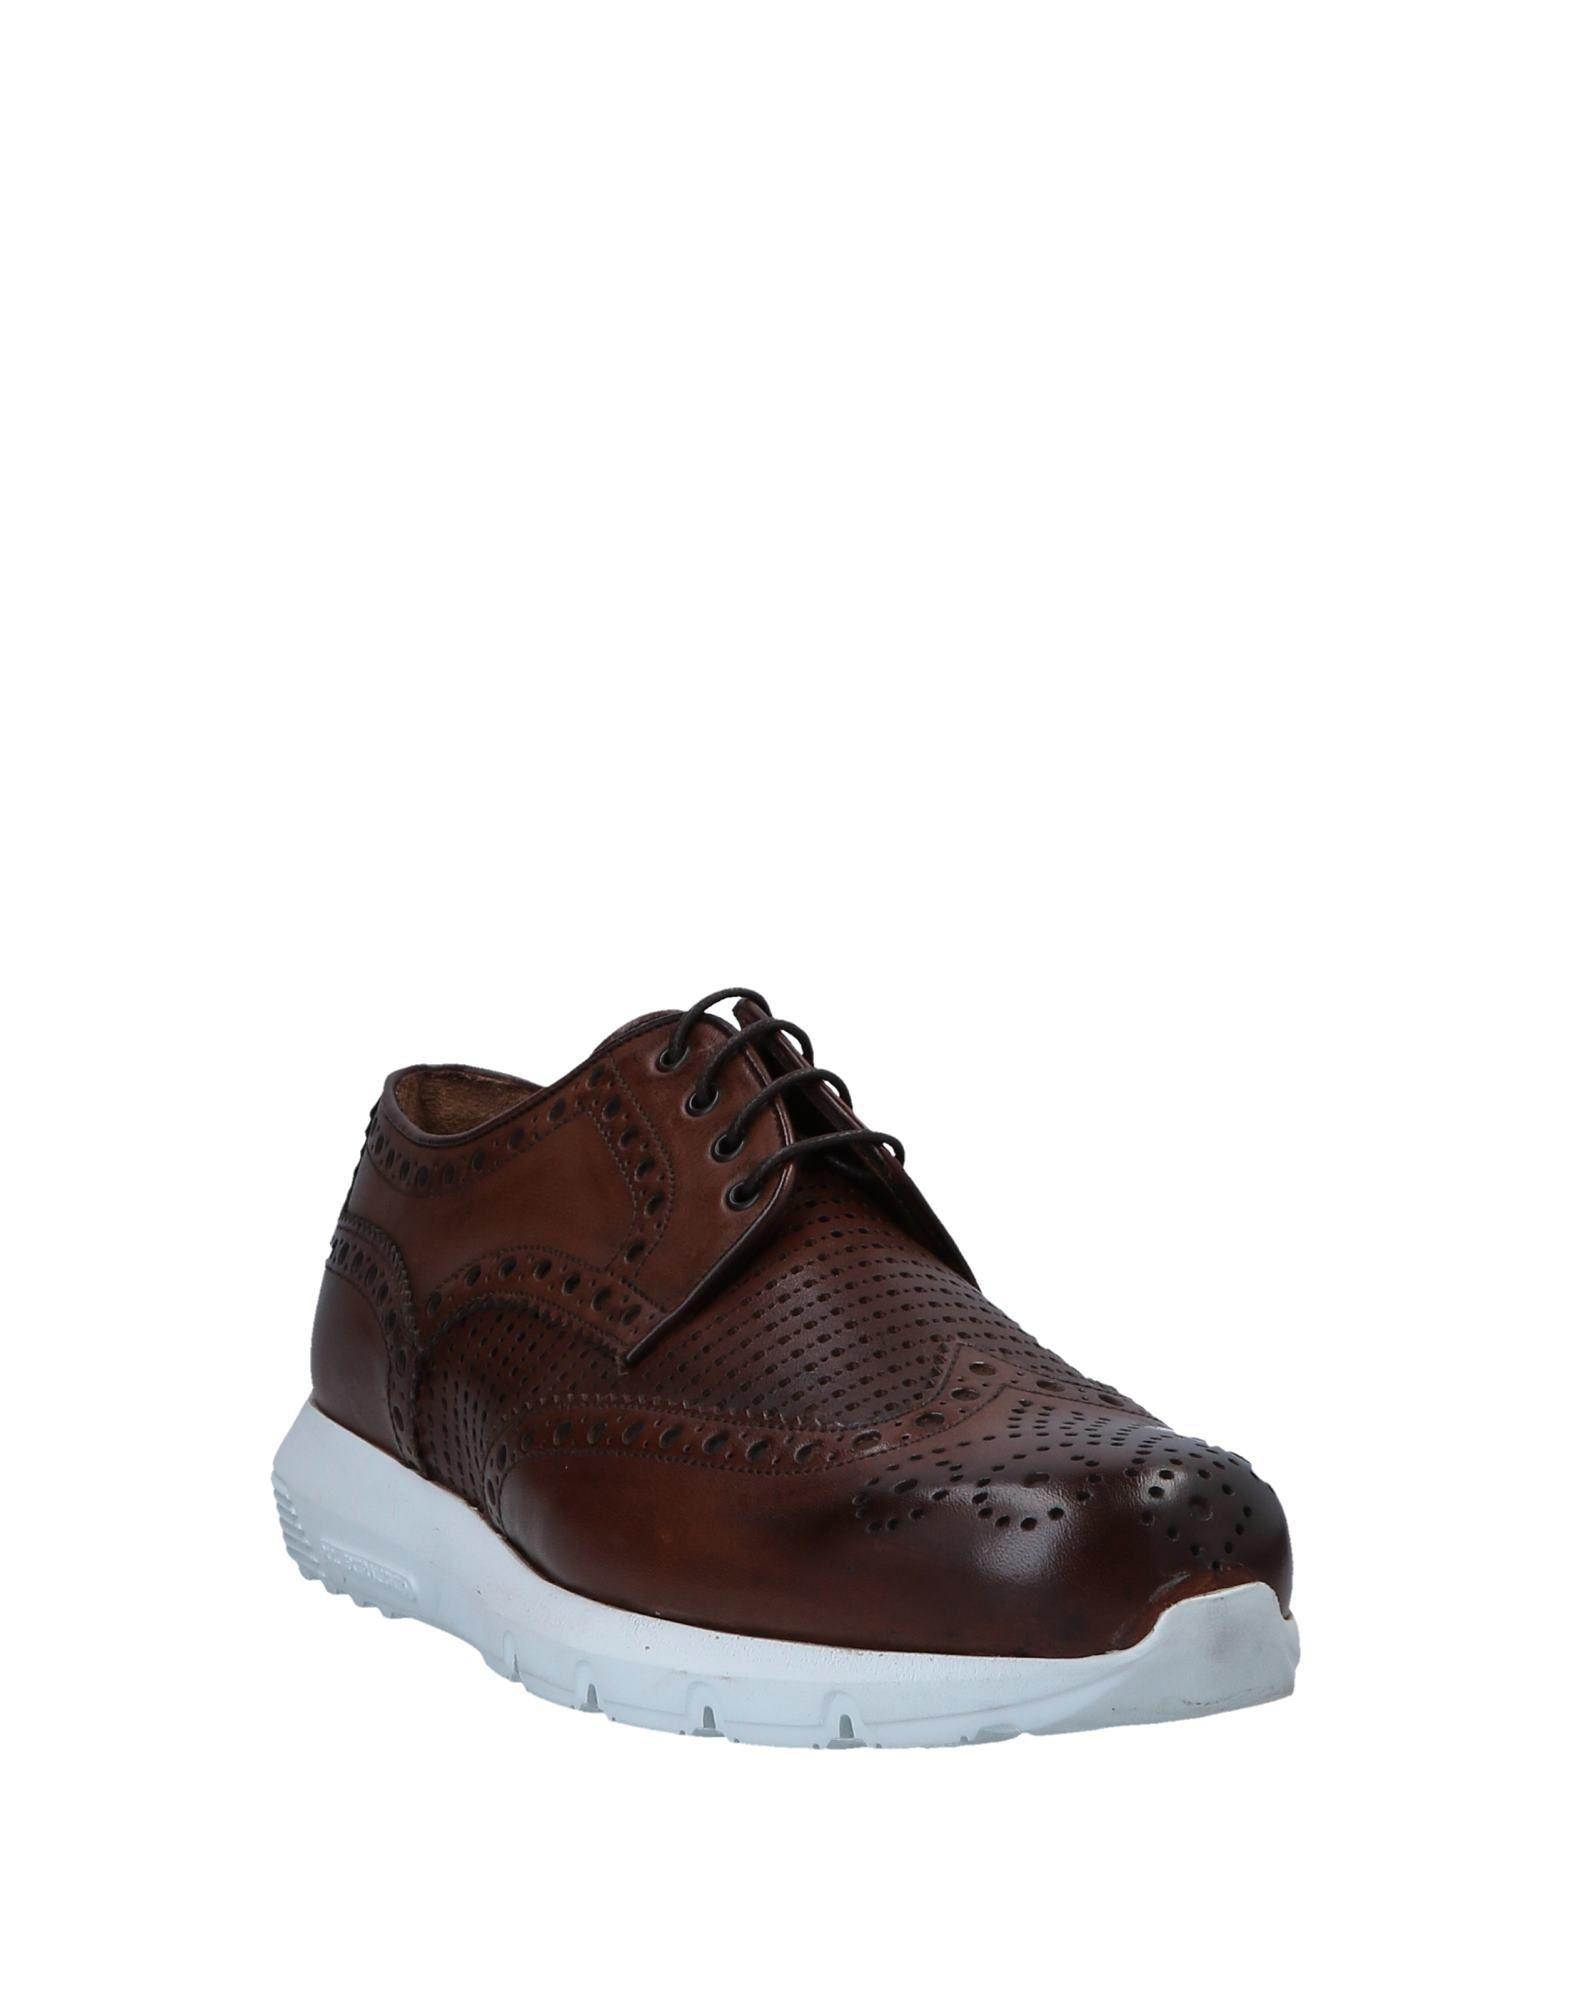 Zapatos de cordones Baldinini de Cuero de color Marrón para hombre